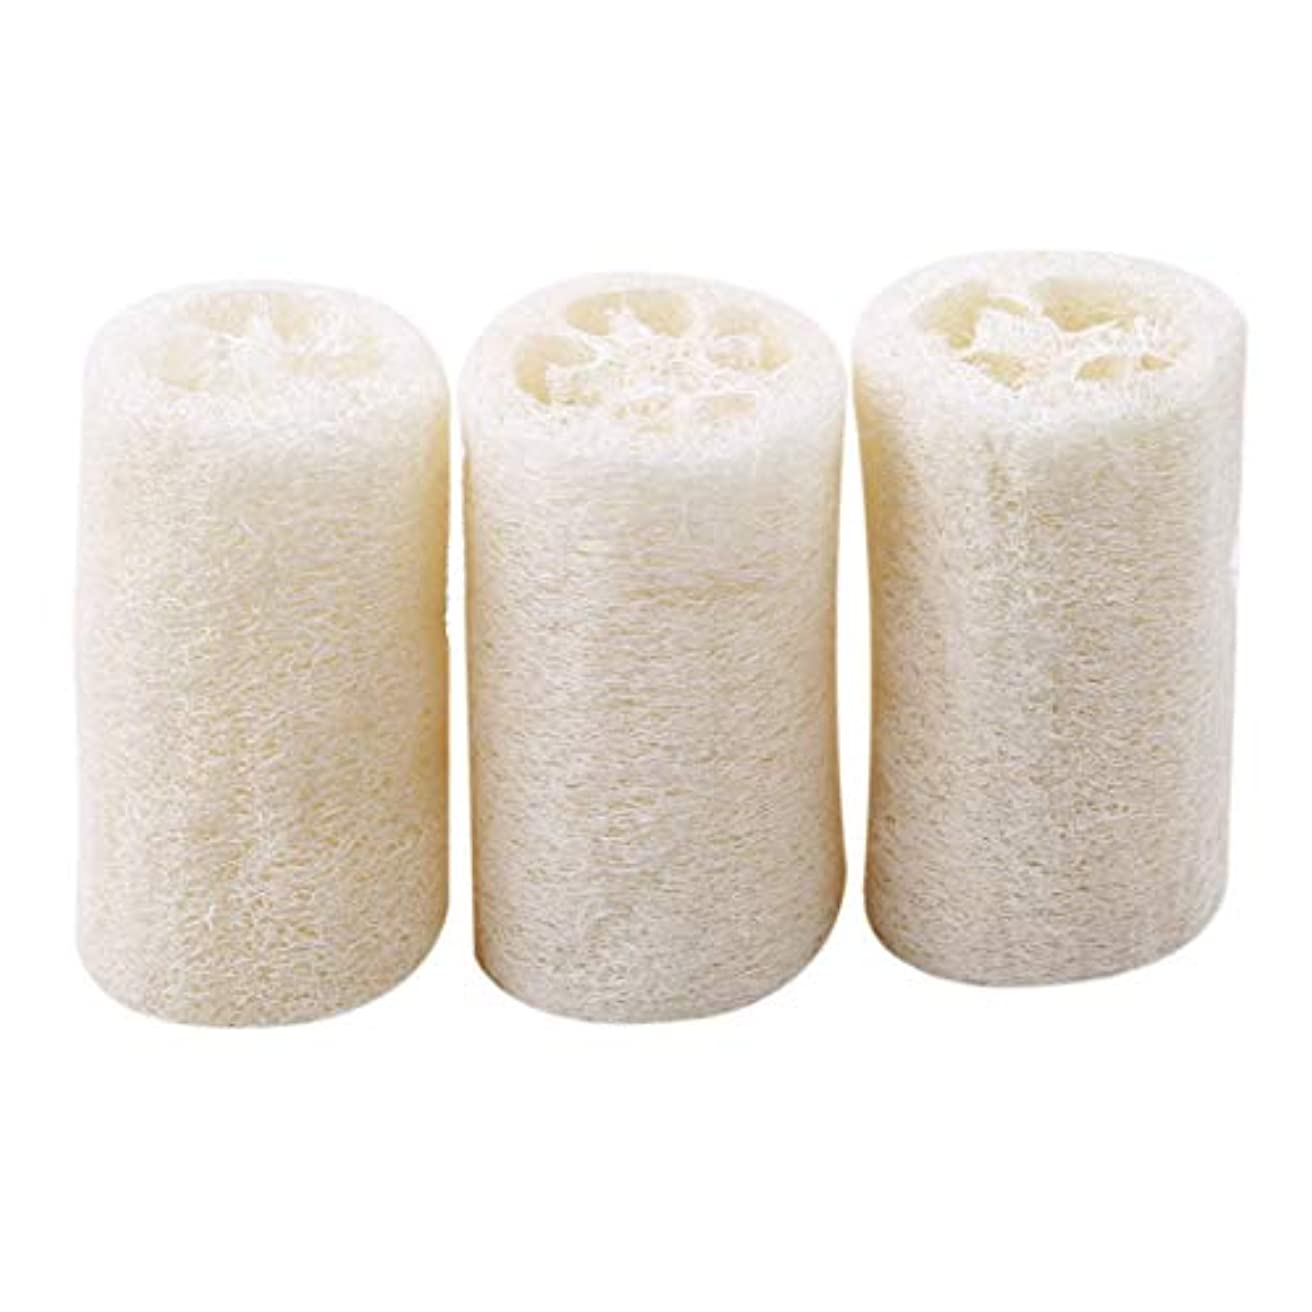 分離論理的よろめくOnior 耐久性 ボディースポンジ へちま お風呂 清掃 洗浄作業 3個セット